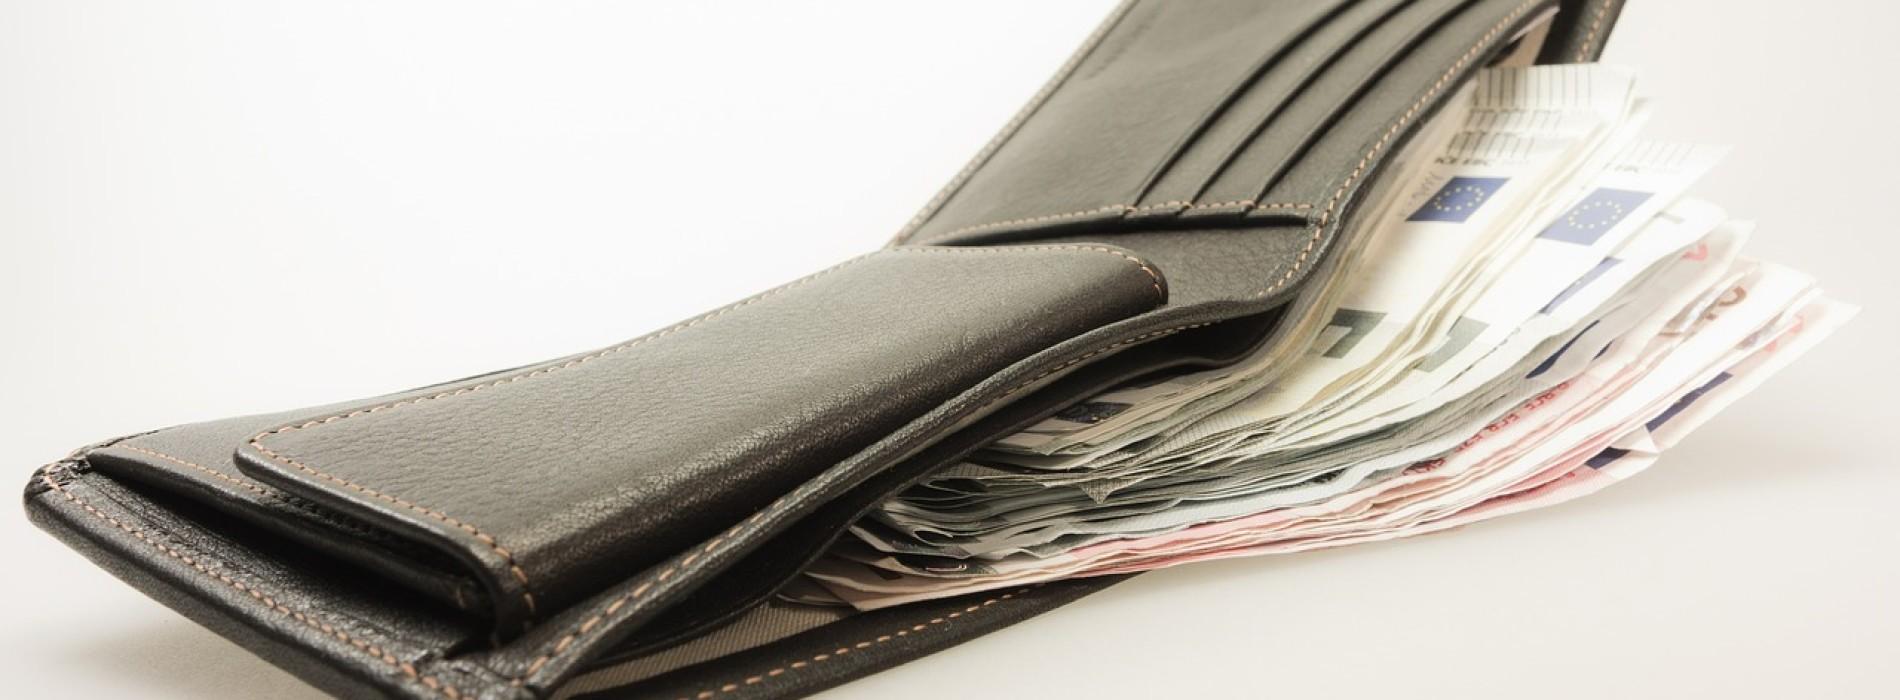 Jak działają firmy pozabankowe udzielające pożyczek i co oferują swoim klientom